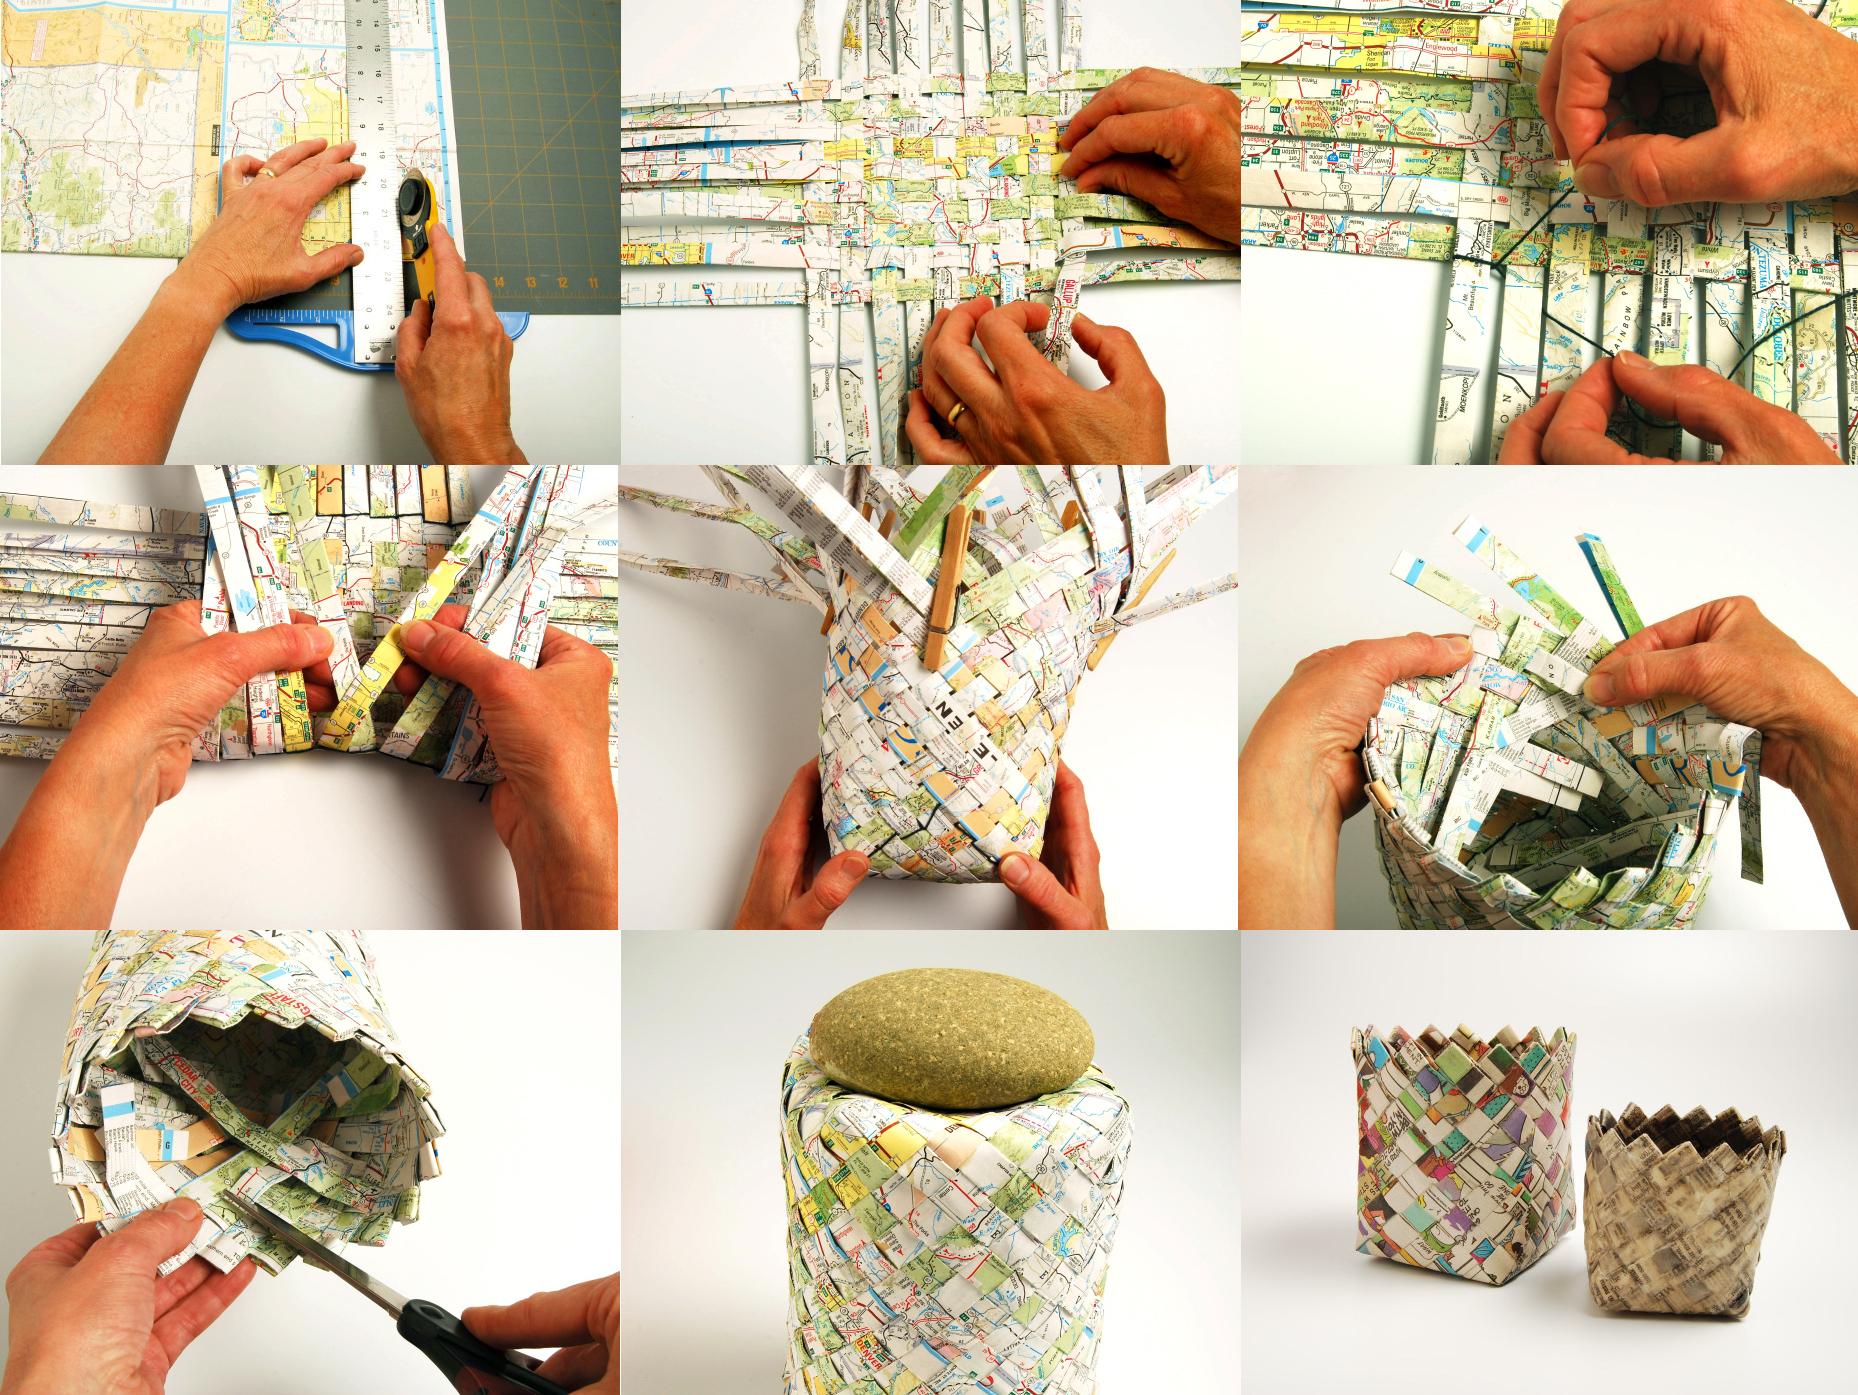 Ikea Diy Manualidades Con Papeles Reciclados Originales Y Creativas